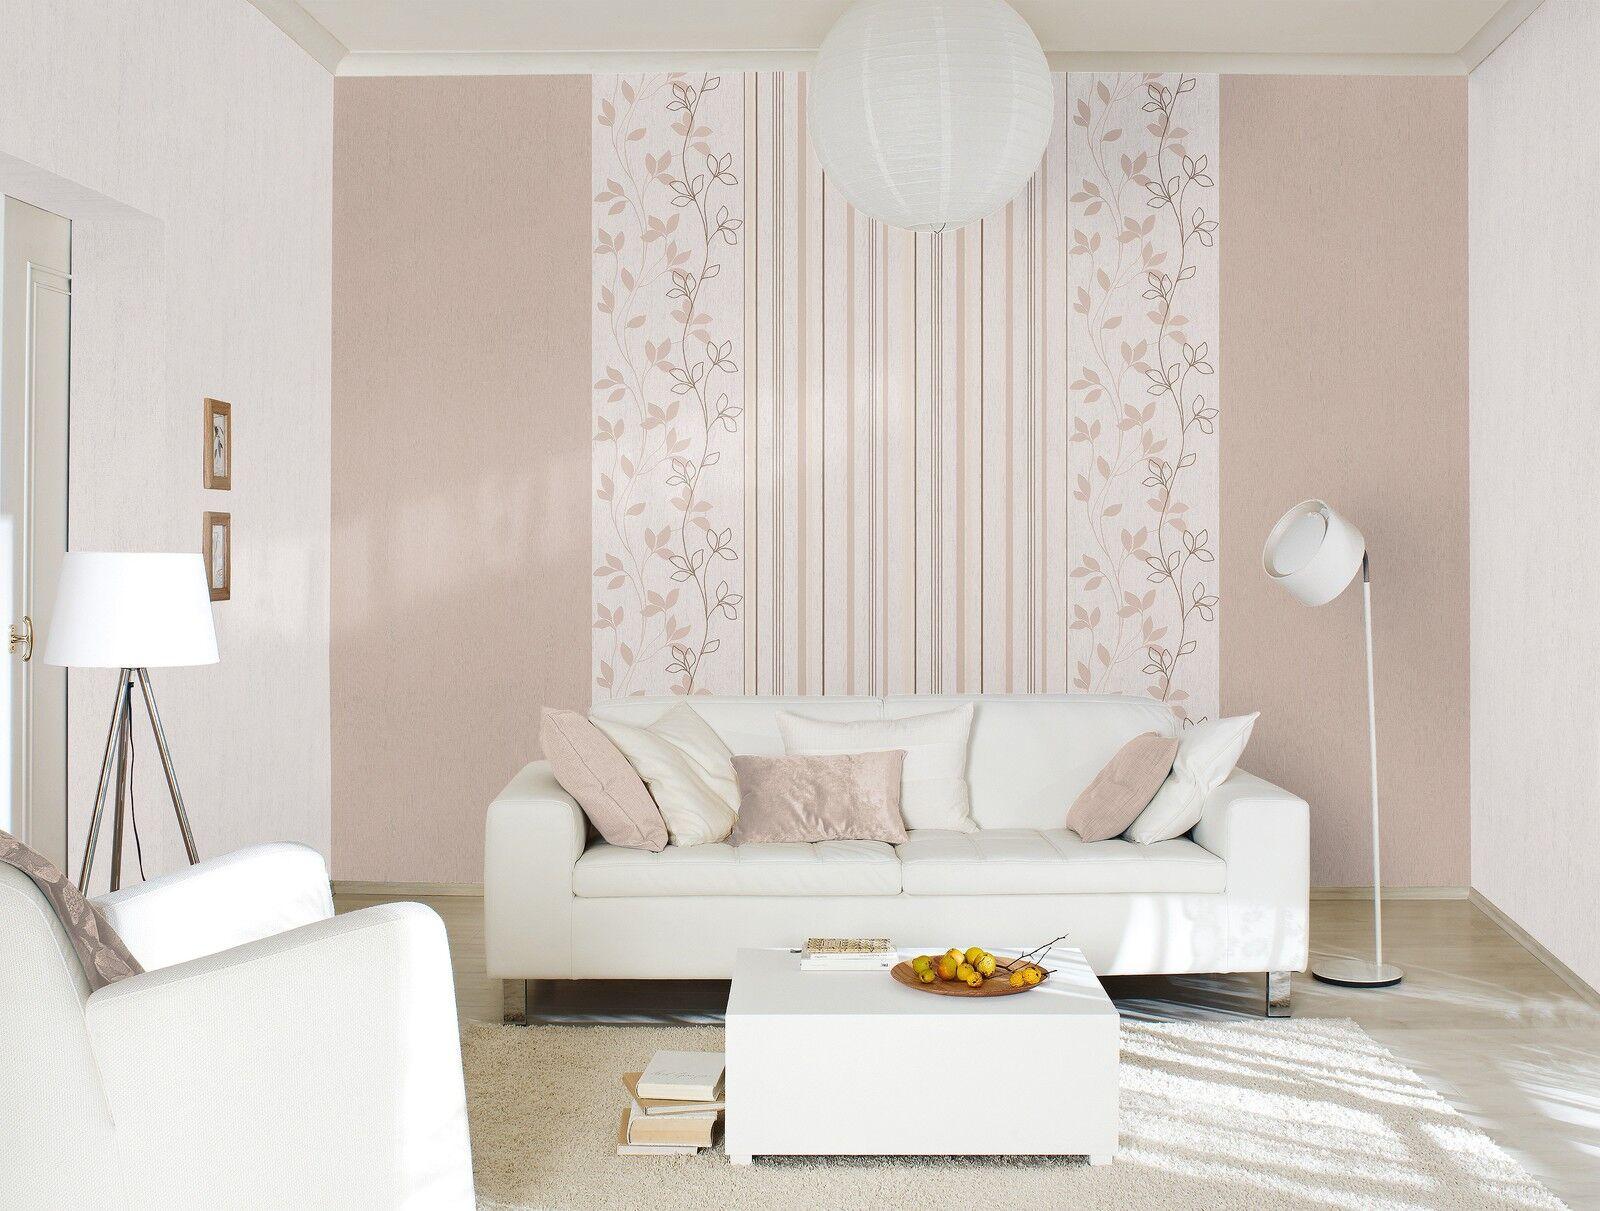 Vliestapete creme braun beige Blumen Uni Streifen Rasch Home Style 4 Varianten